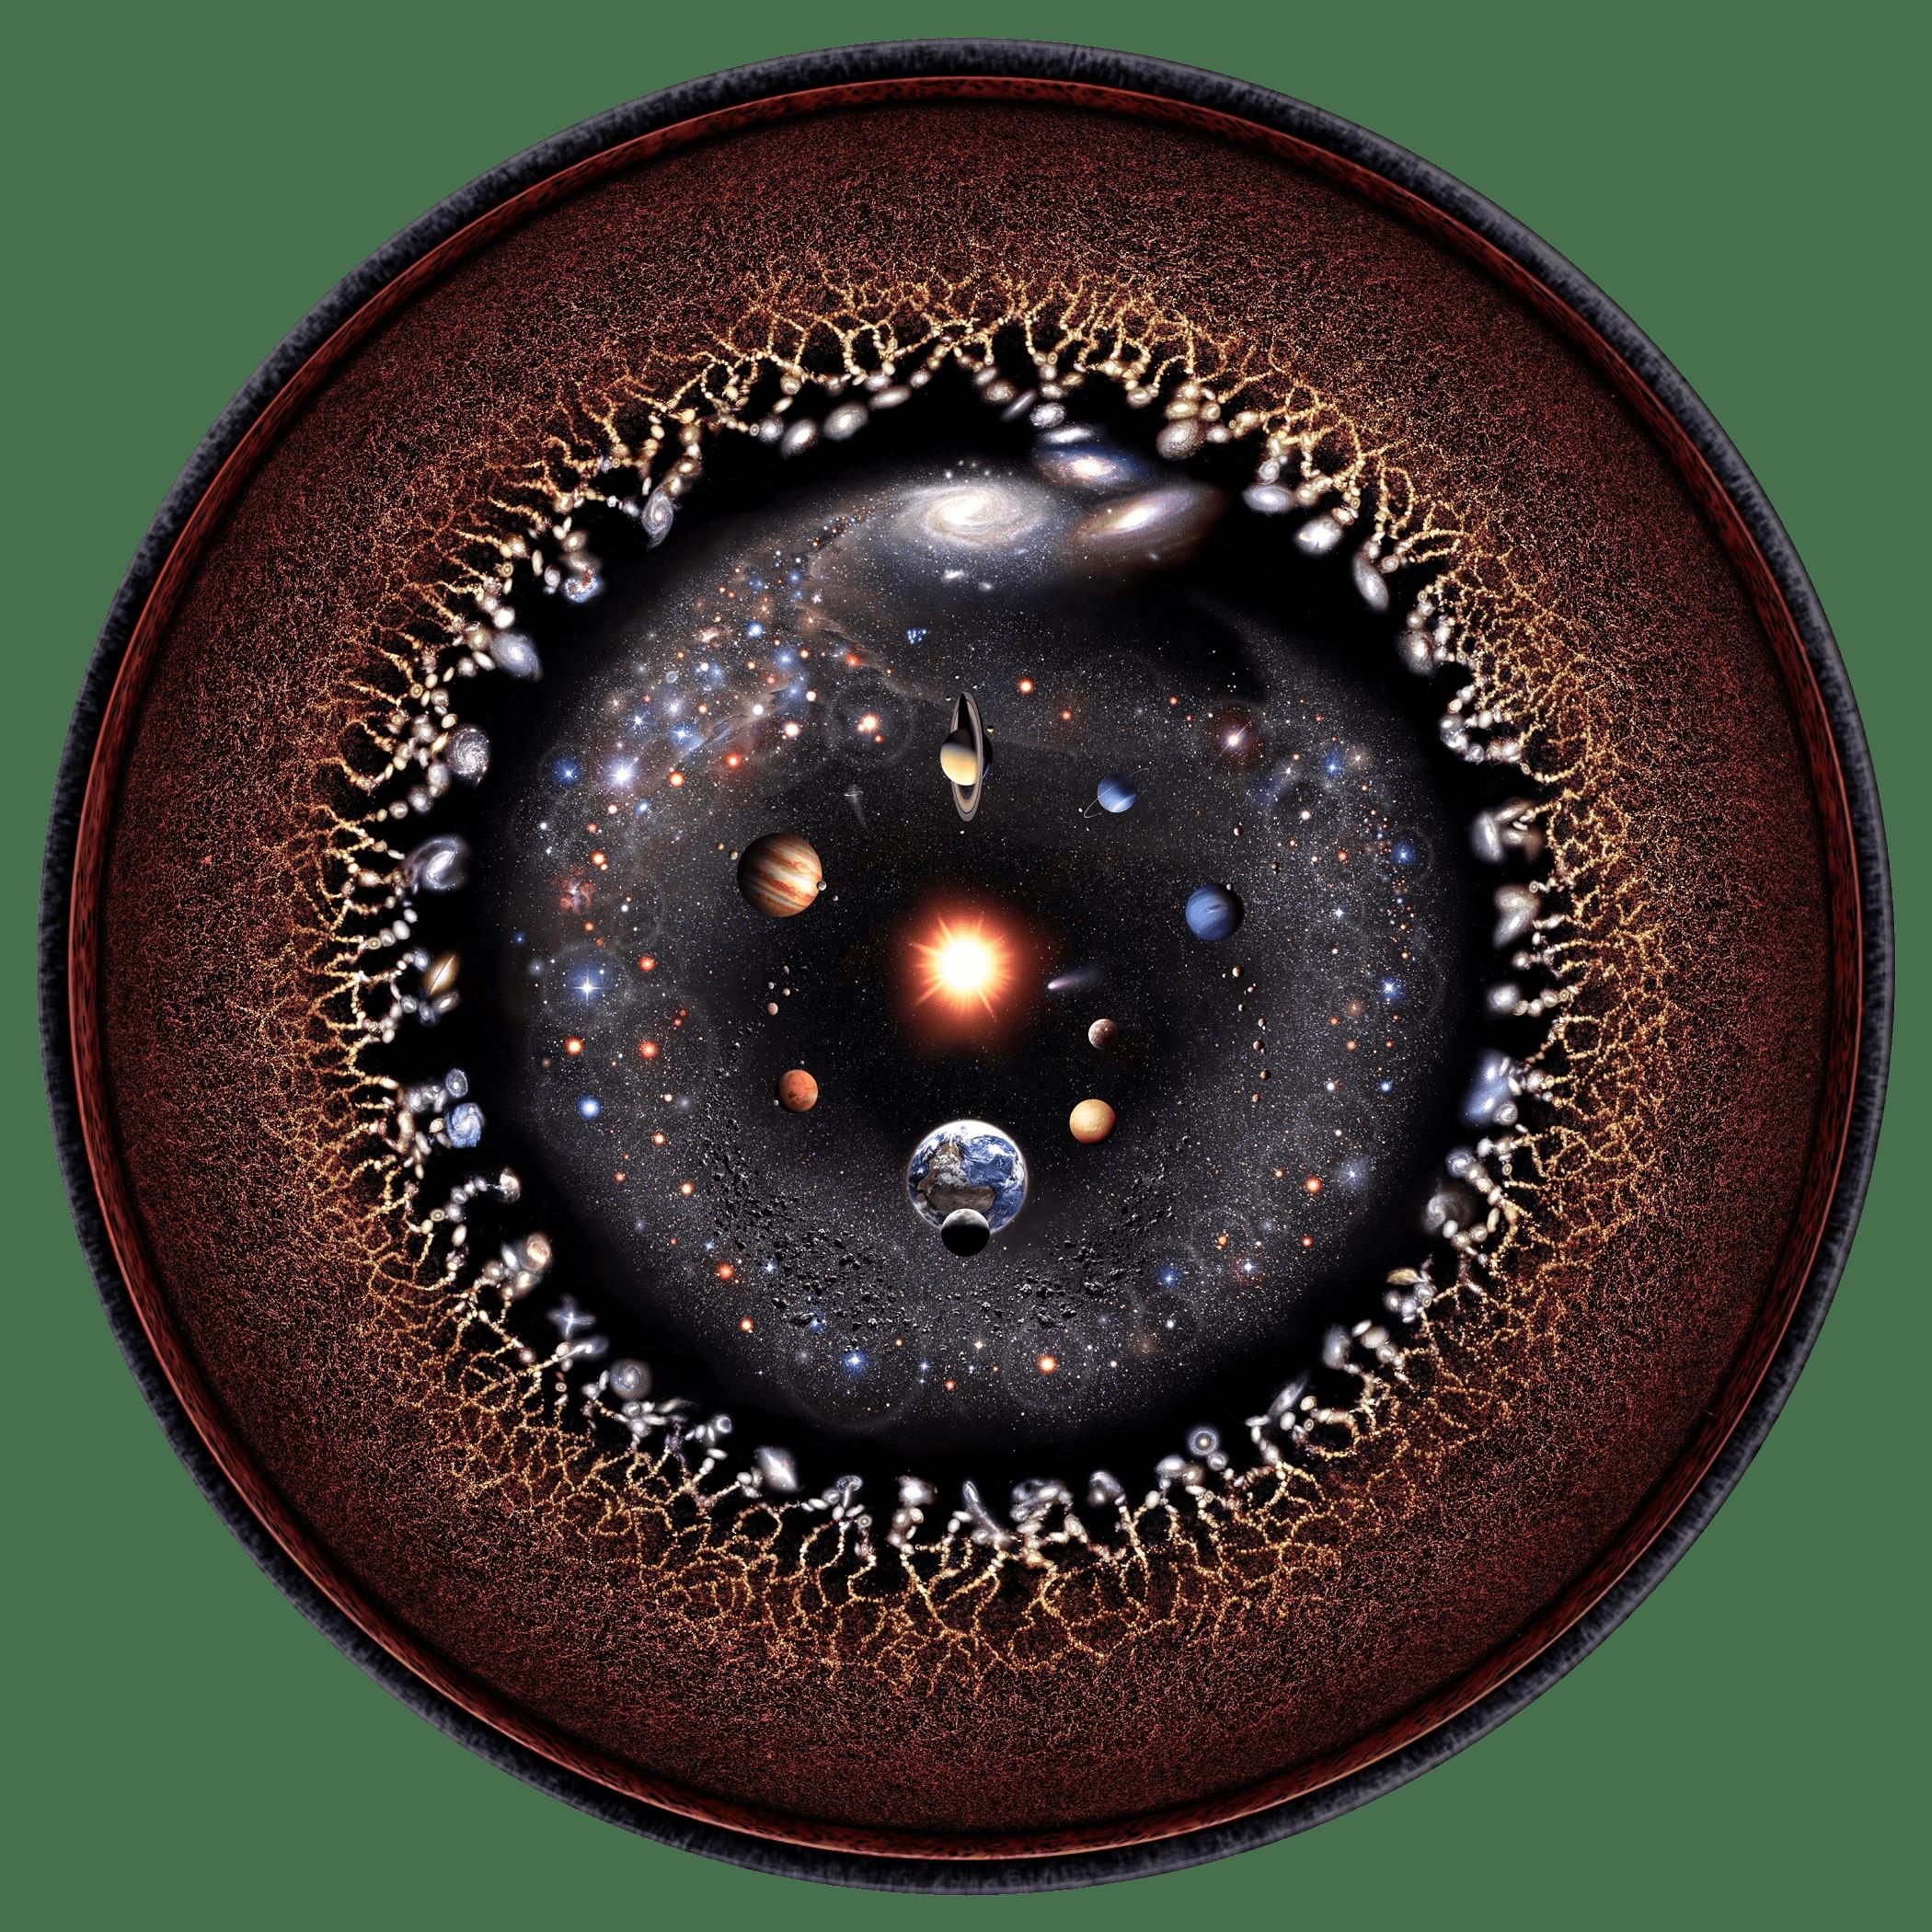 Todo o universo observável se resume a esta imagem